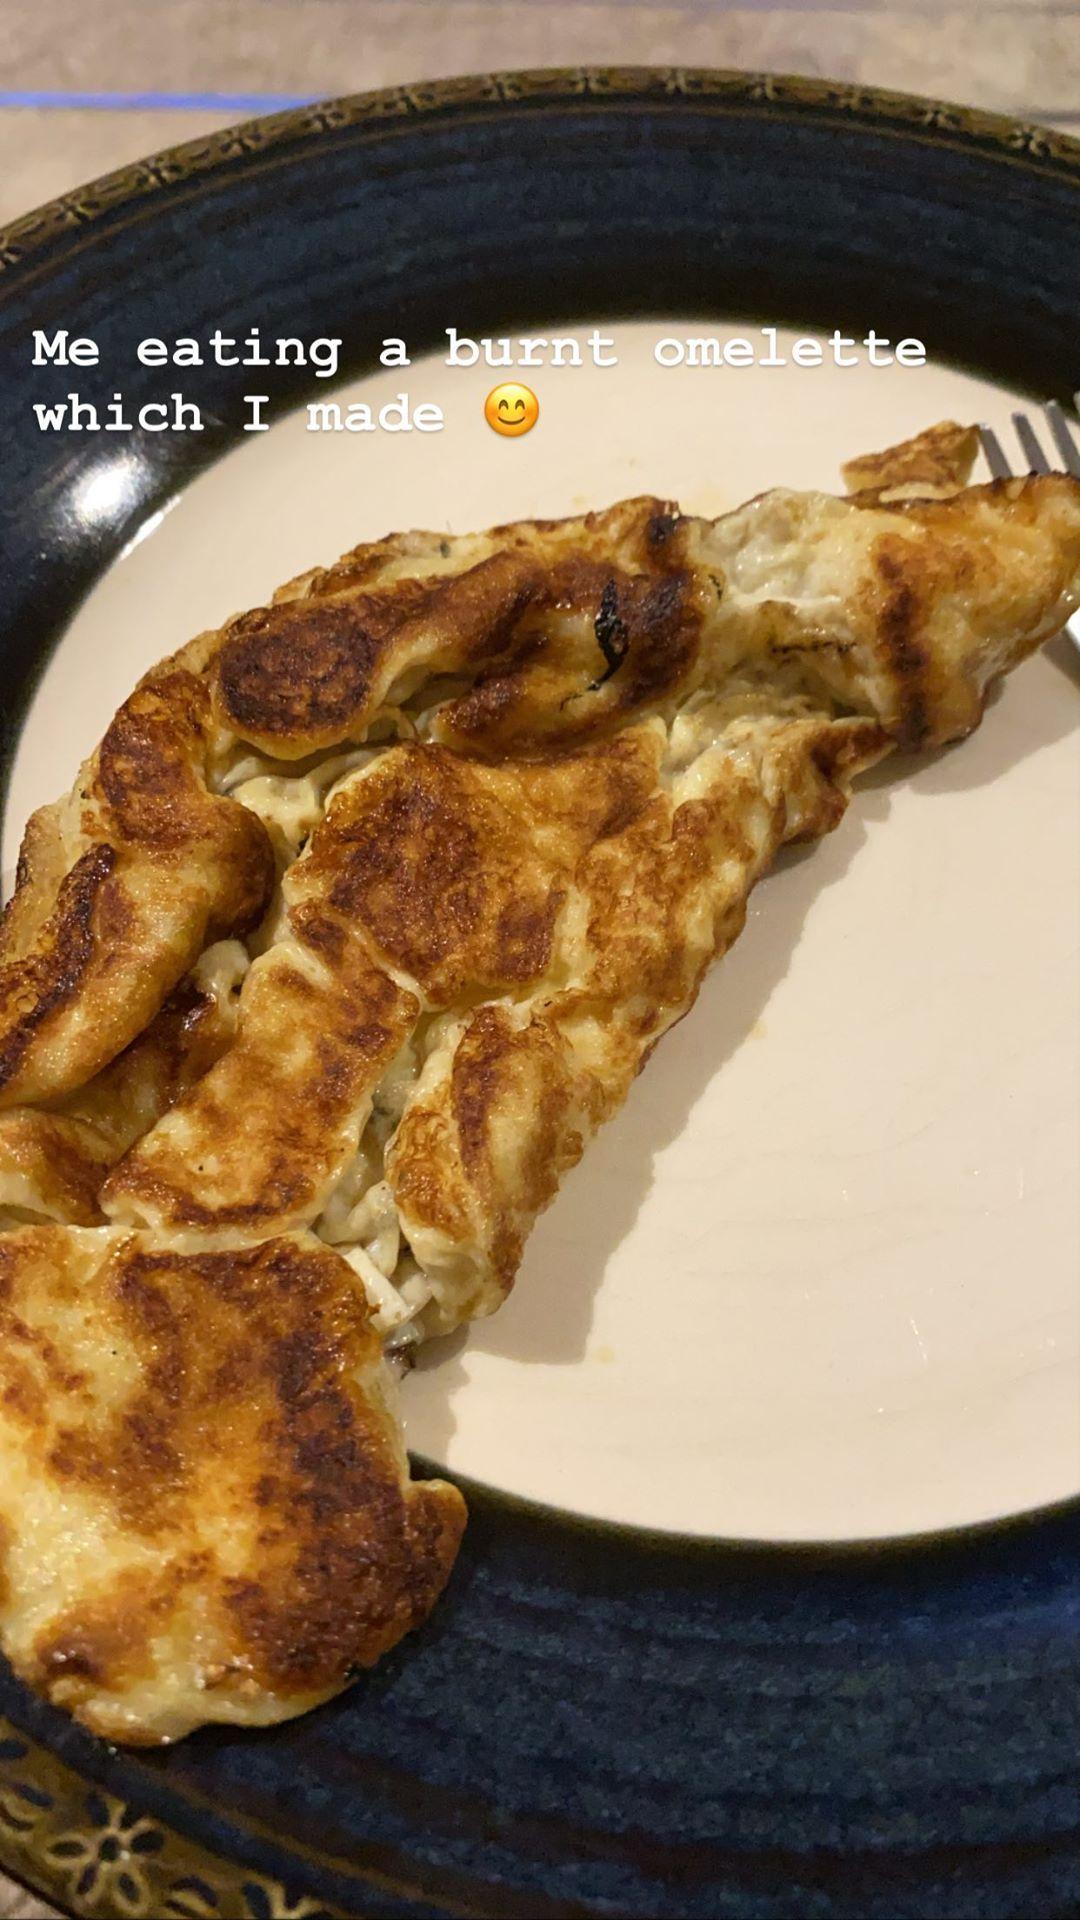 Varun Dhawan eats self-made burnt omelette 1